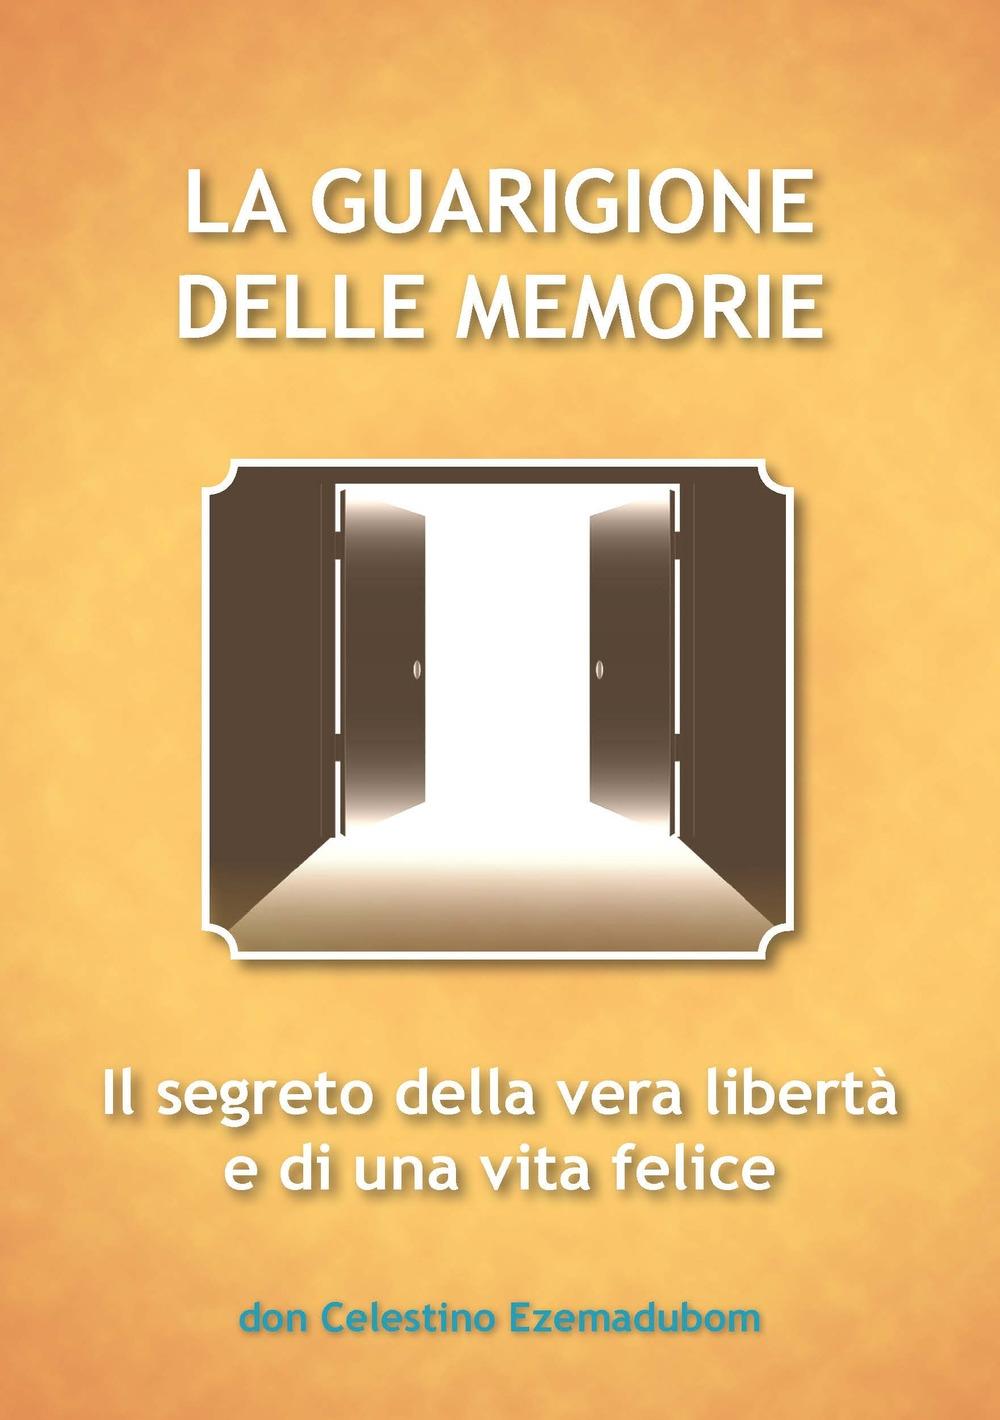 La guarigione delle memorie. Il segreto della vera libertà e di una vita felice